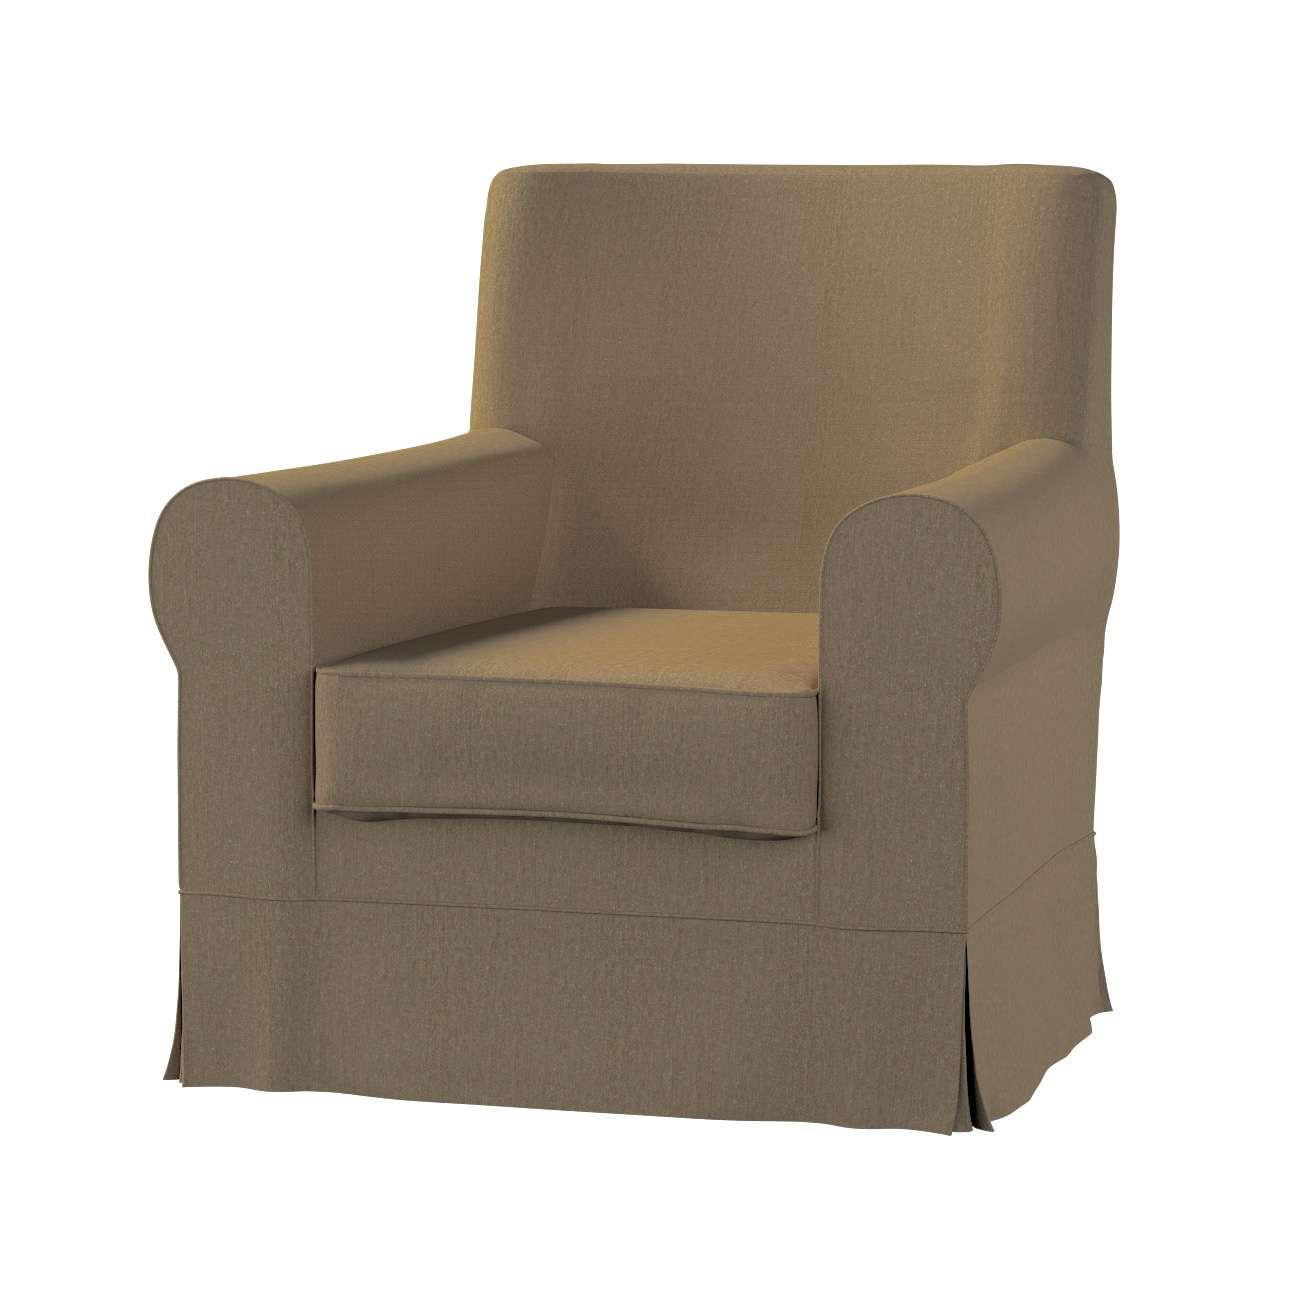 EKTORP JENNYLUND fotelio užvalkalas Ektorp Jennylund fotelio užvalkalas kolekcijoje Chenille, audinys: 702-21